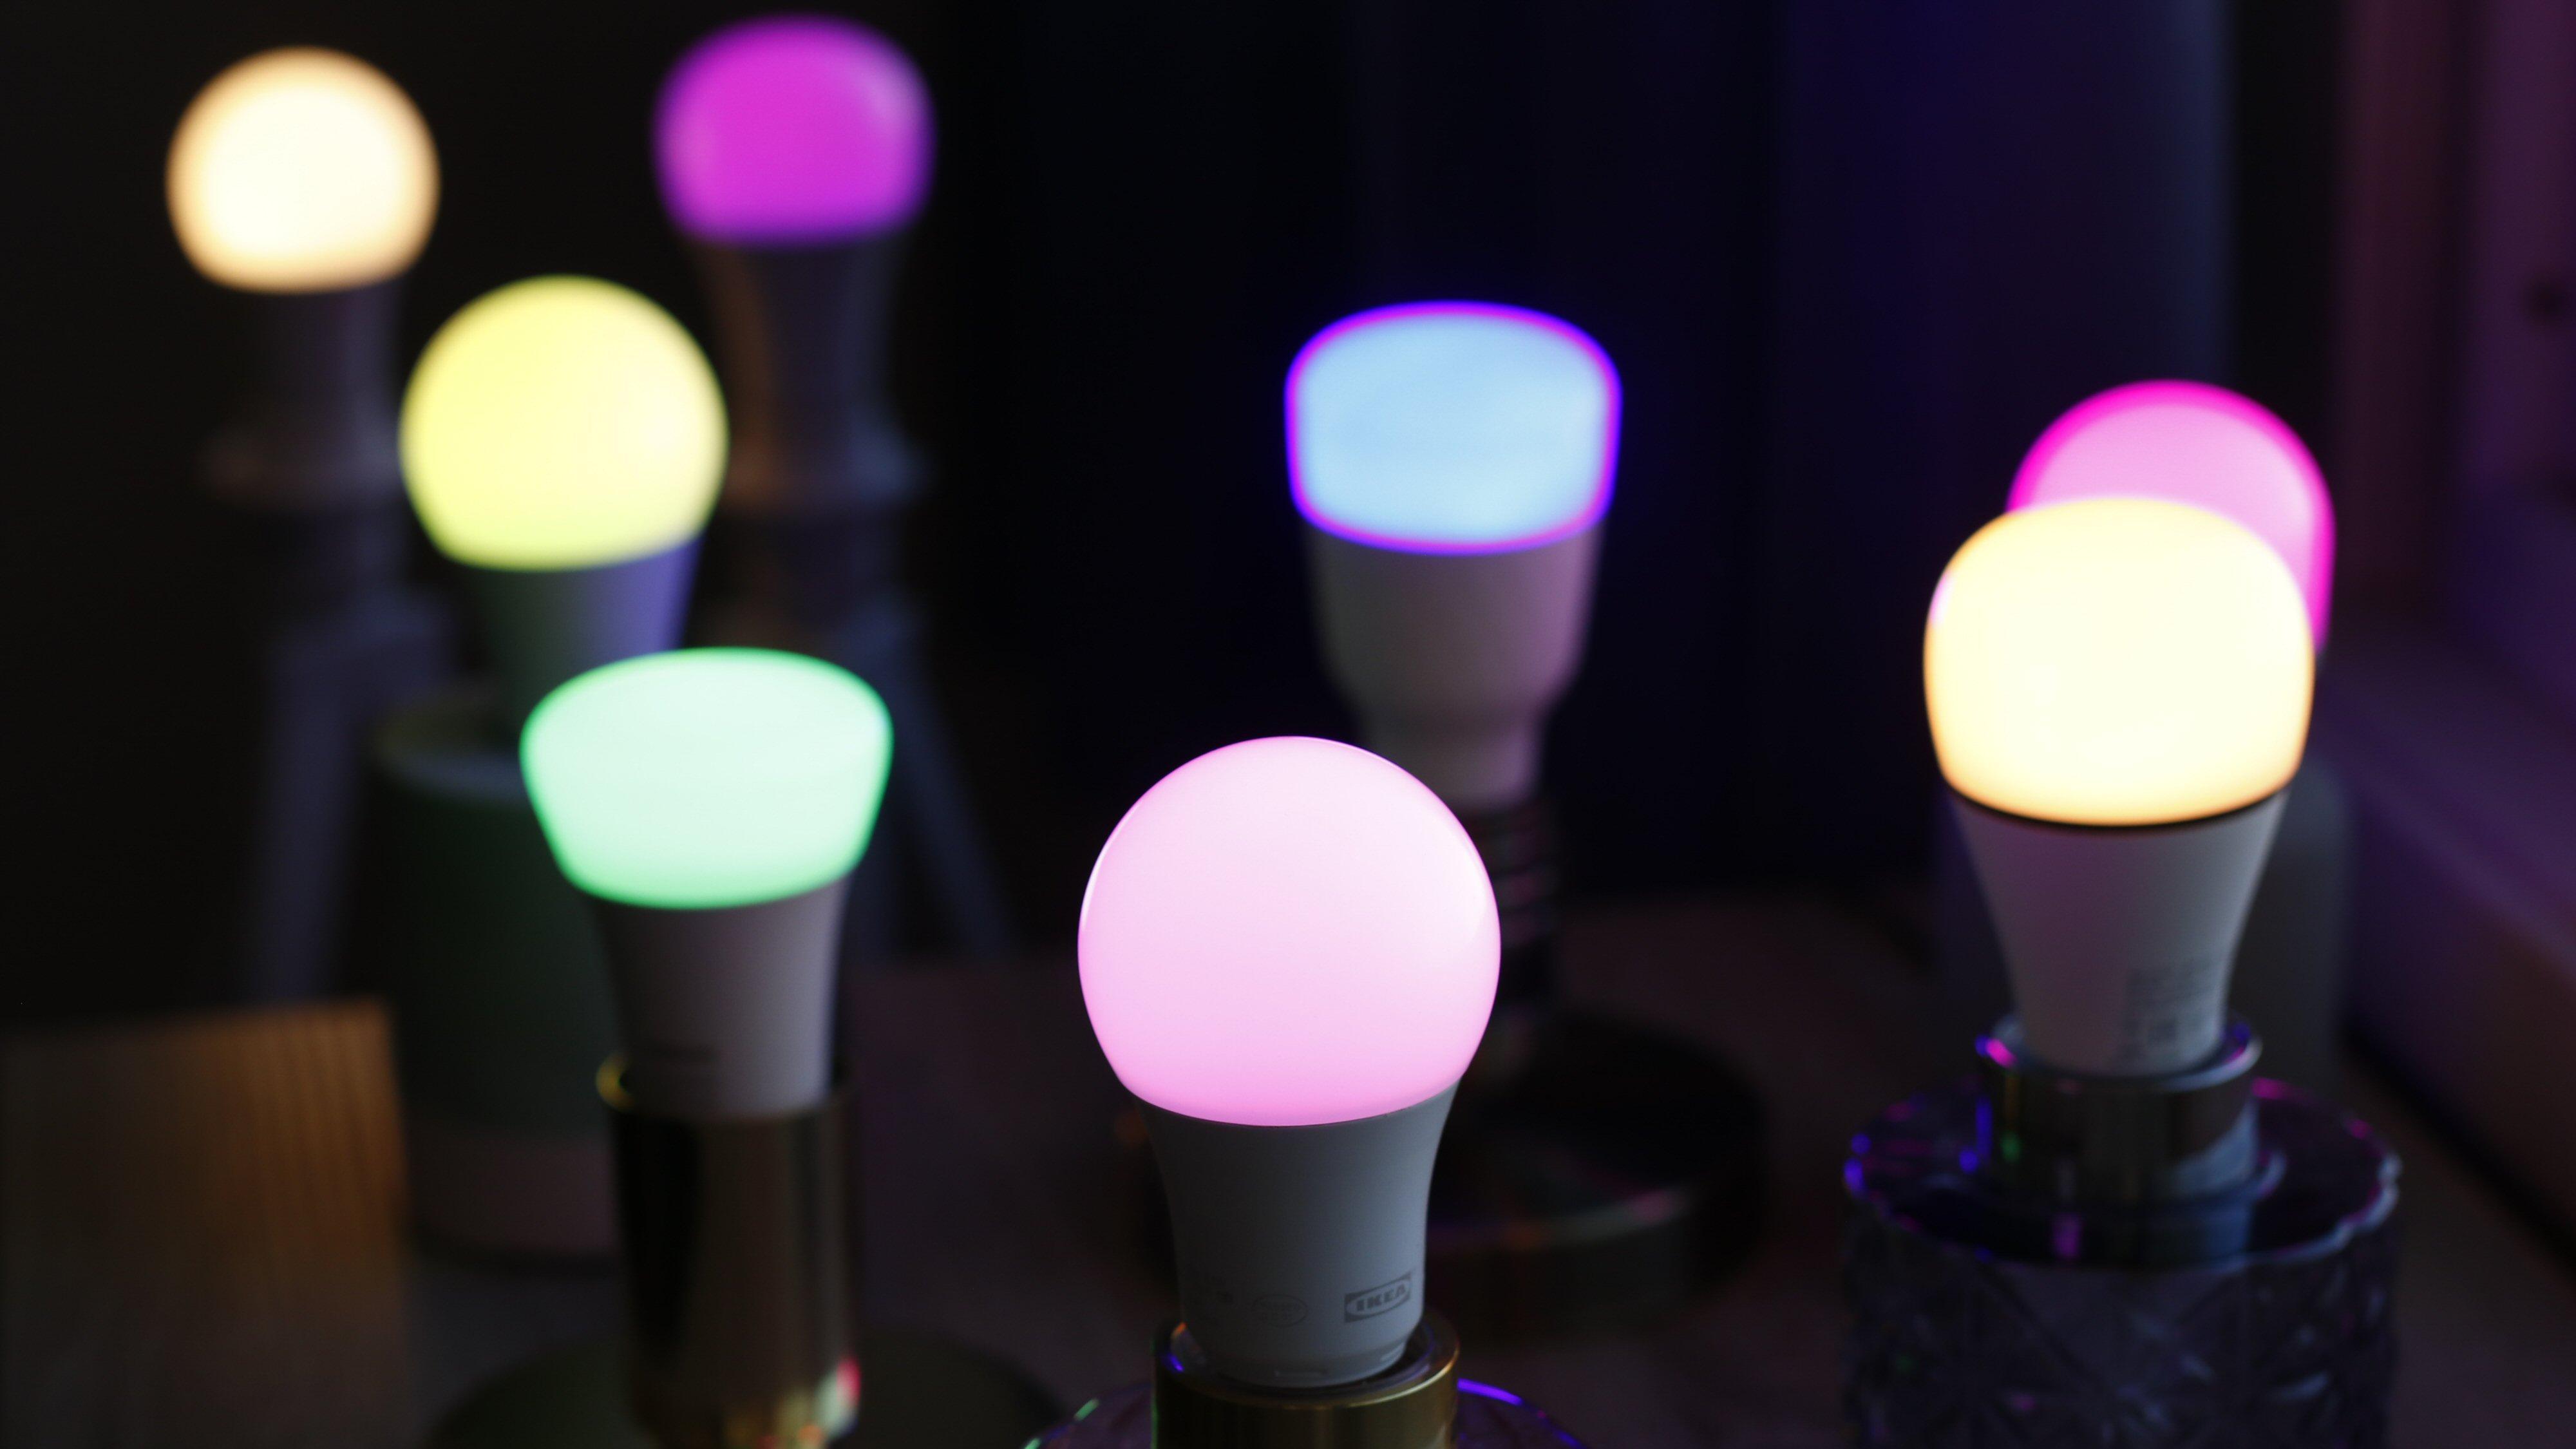 Vi har testet seksten forskjellige smarte lyspærer